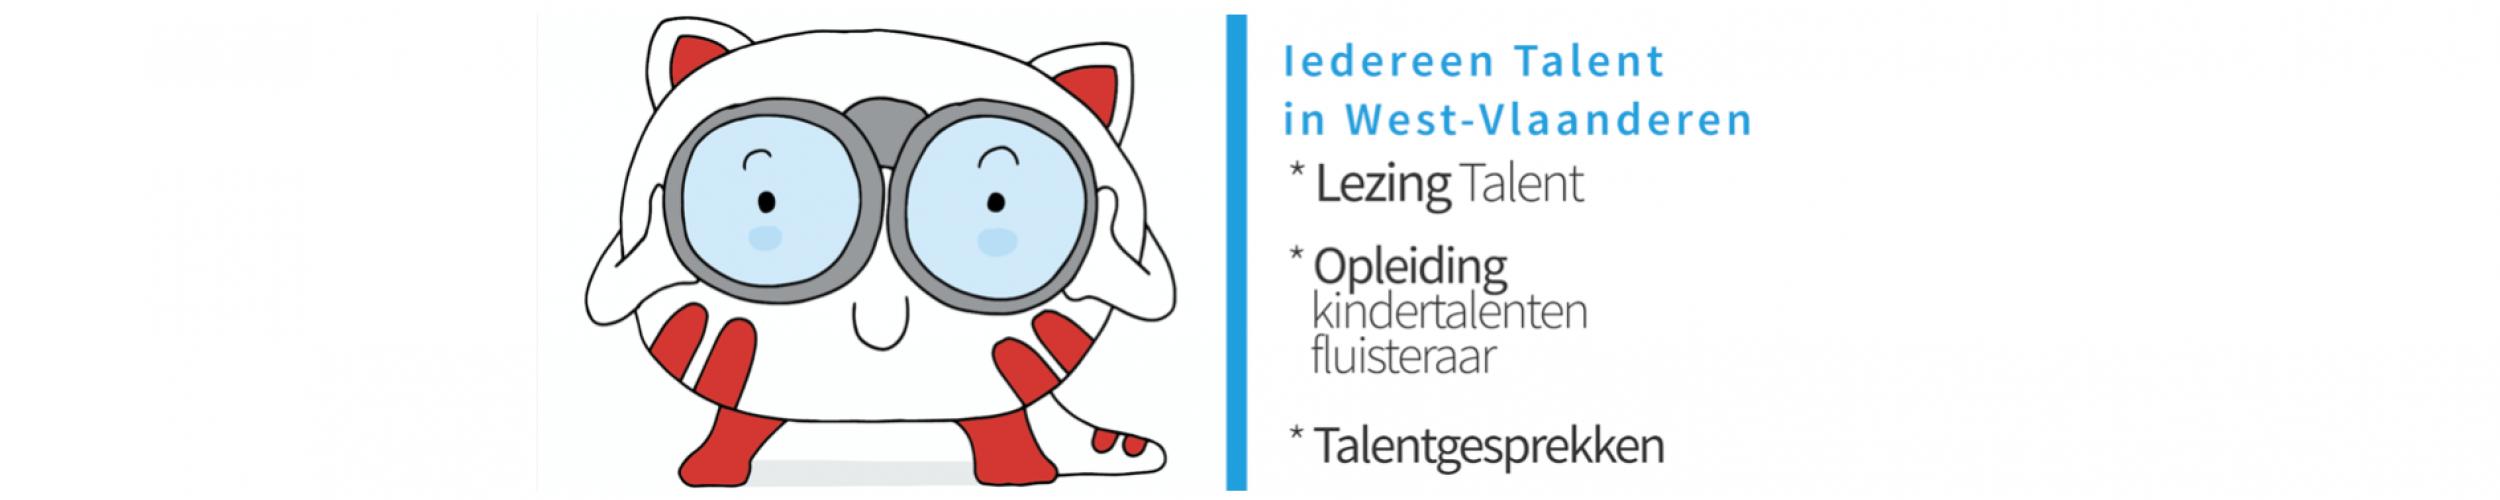 Project Rode Neuzen Dag: 'Iedereen Talent' in West Vlaanderen